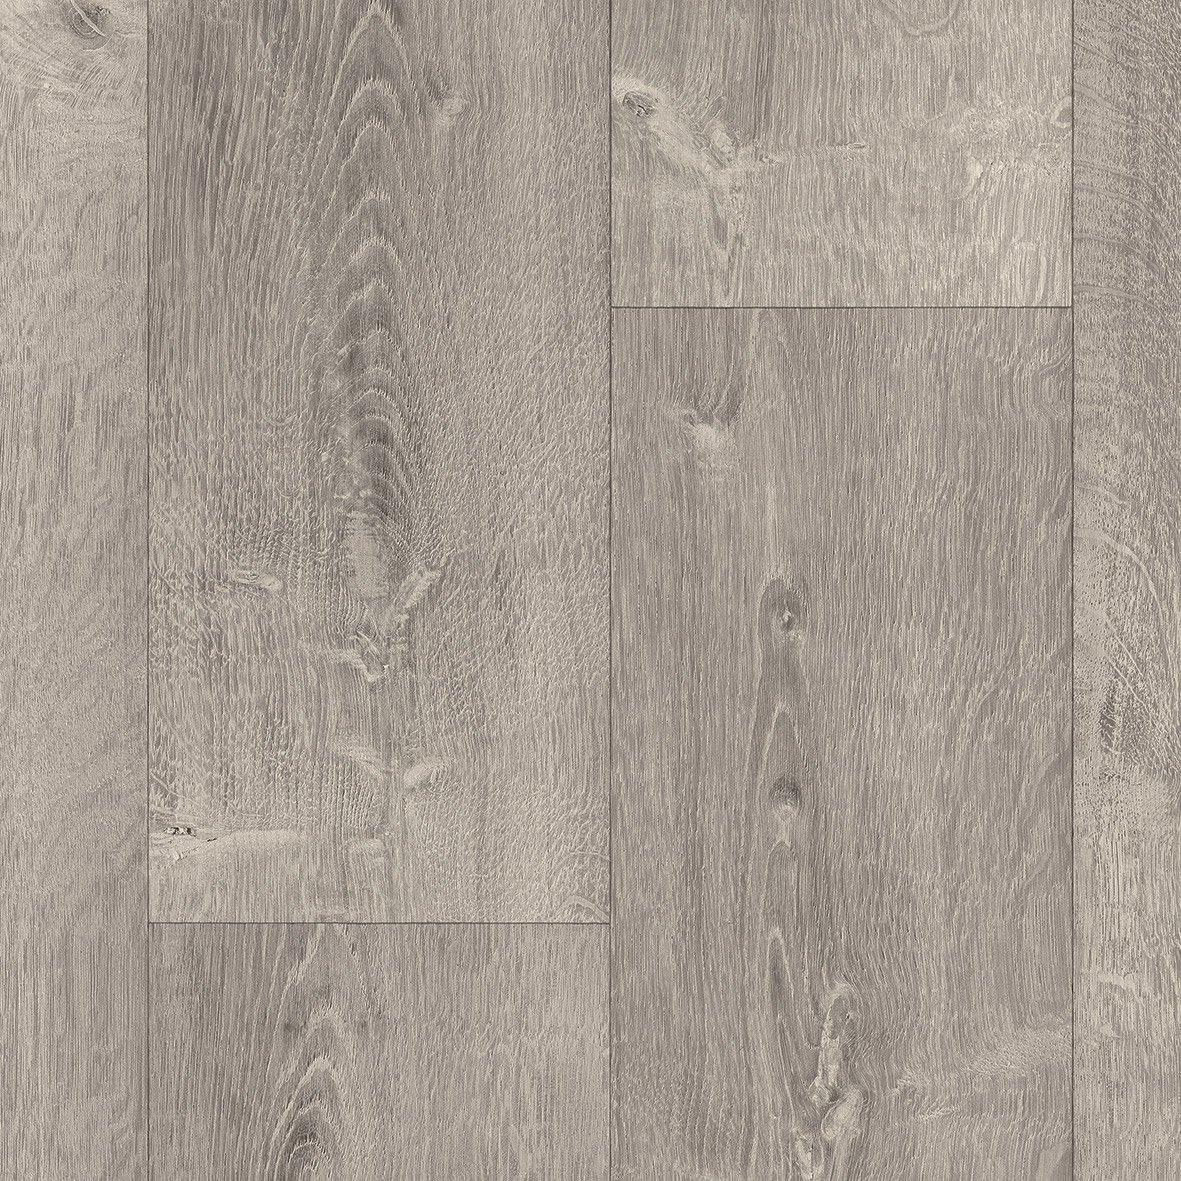 sol pvc effet parquet gris clair bois l 4 m